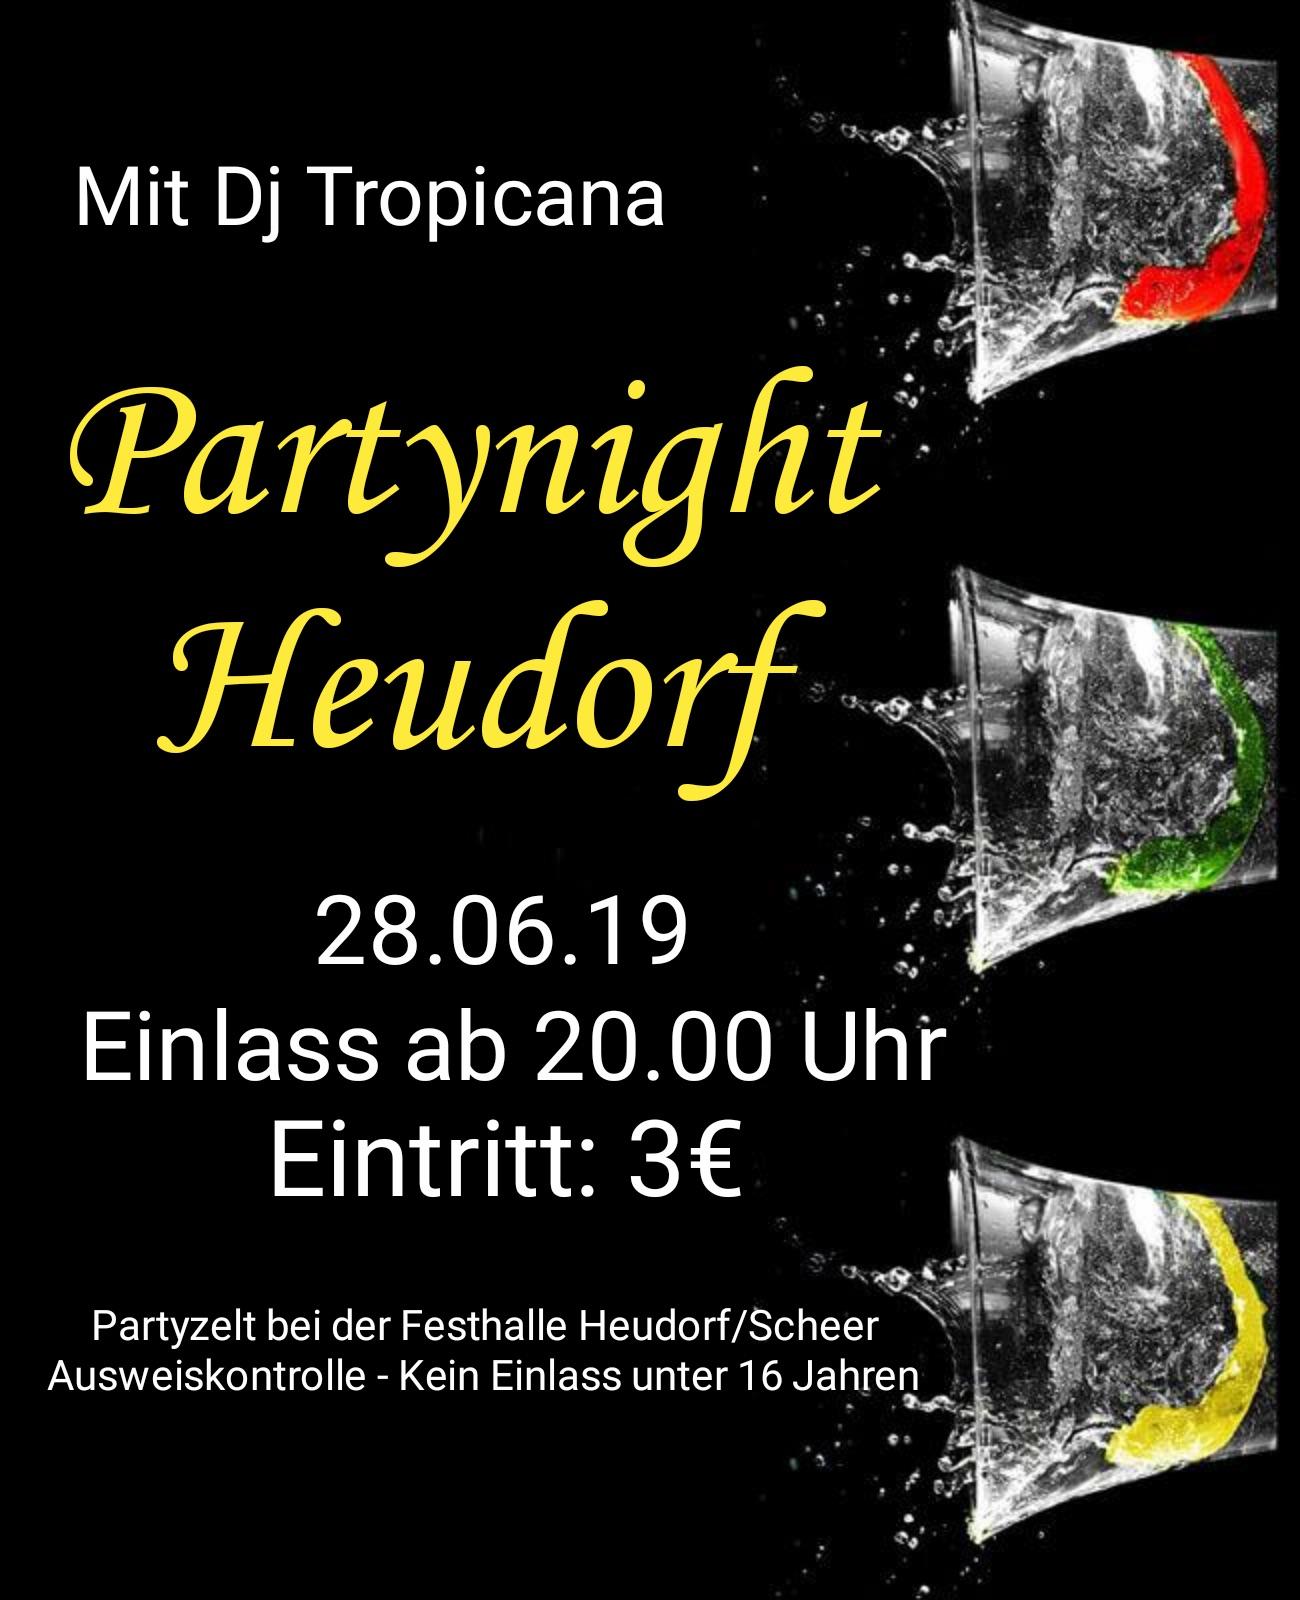 partynight-heudorf